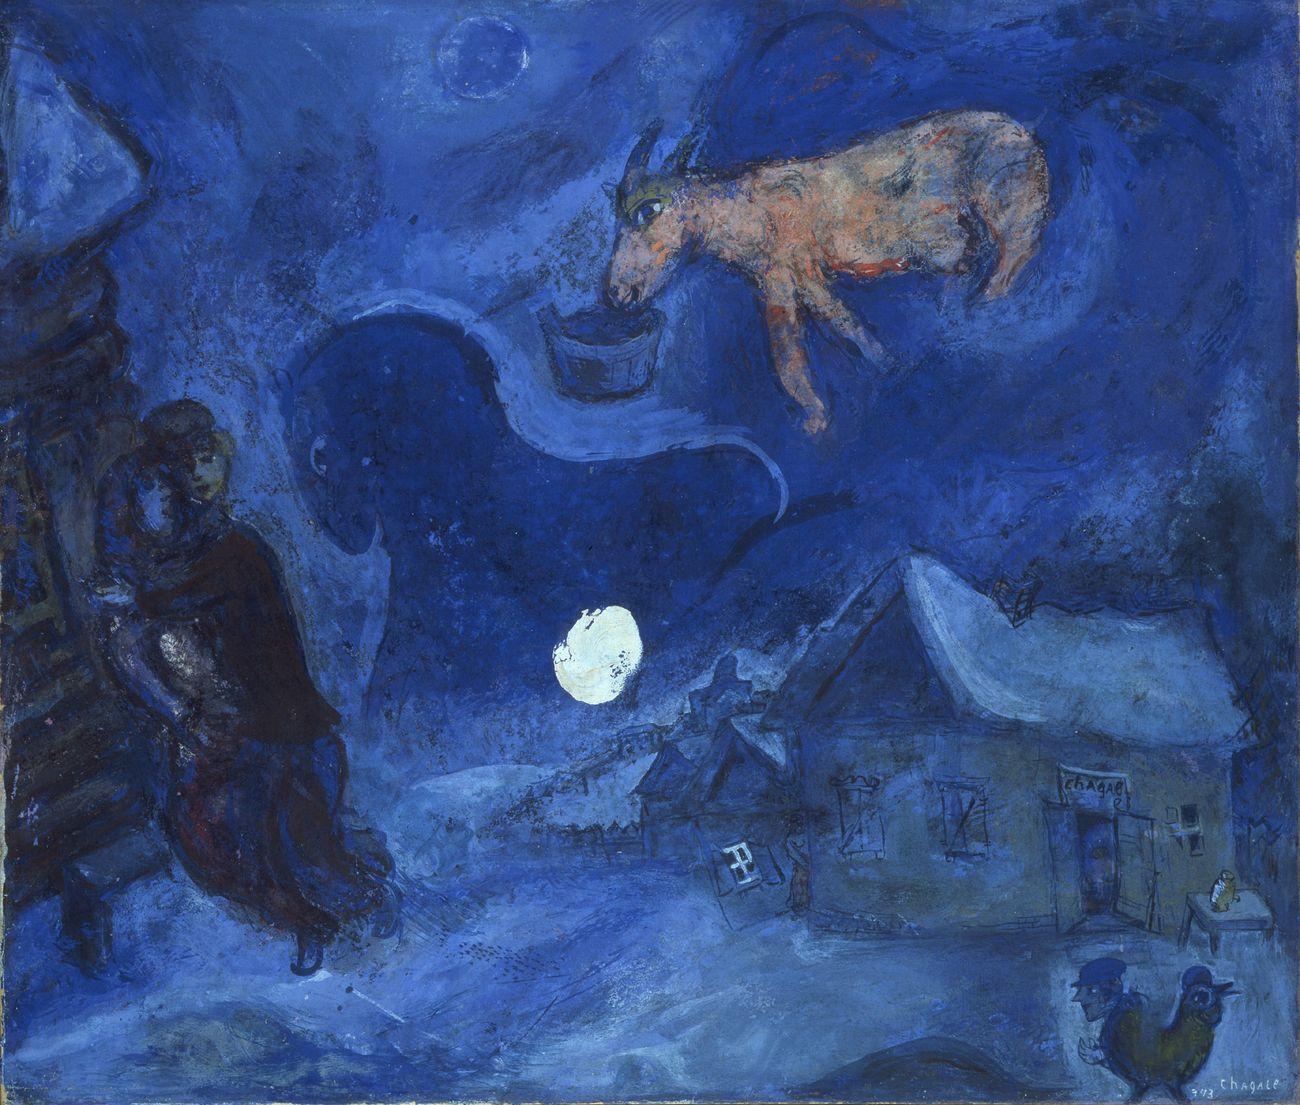 Marc Chagall, Dans mon pays, 1943, guazzo e tempera su carta applicata su tela, cm 57,2x49,7, GAM – Galleria Civica d'Arte Moderna e Contemporanea, Torino